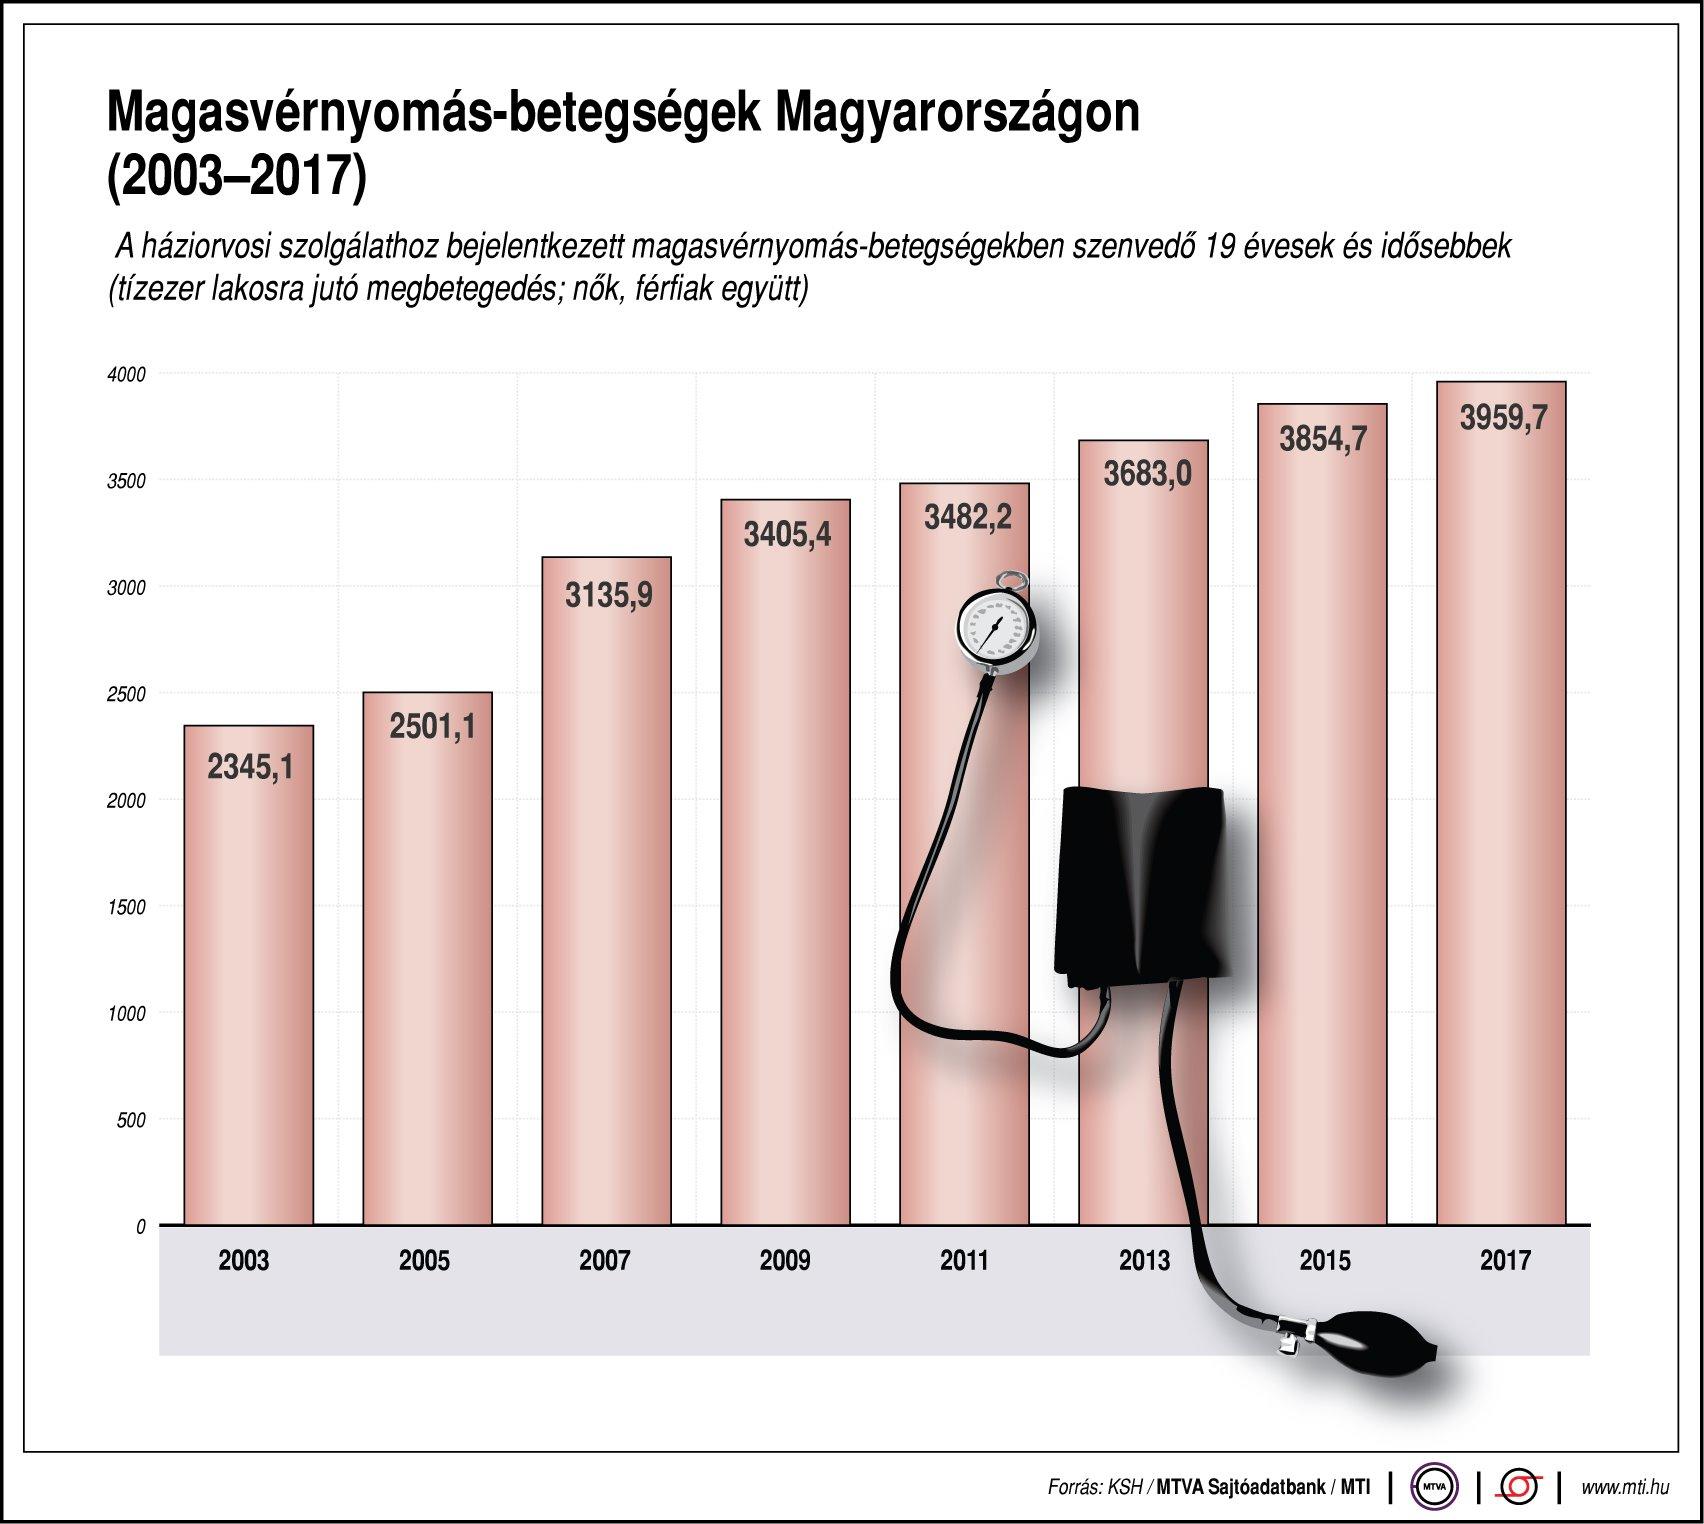 ezoterikus oka a magas vérnyomásnak